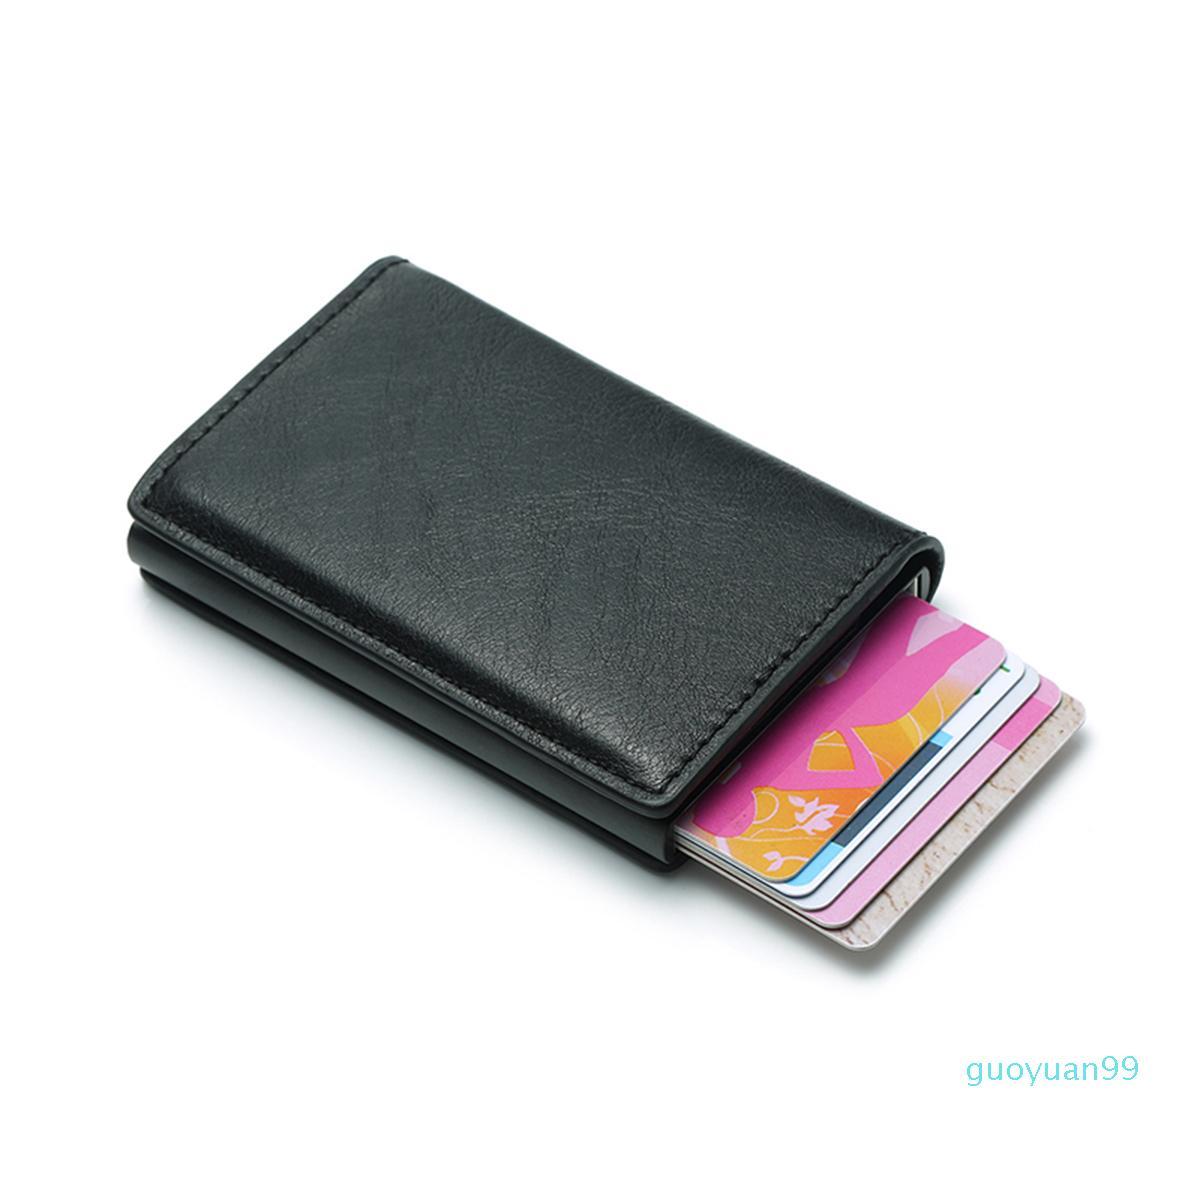 جديد من الرجال حقيبة المال البسيطة محفظة ذكر آلي الألومنيوم بطاقة RFID حامل المحفظة الذكية الصغيرة محفظة فاليه